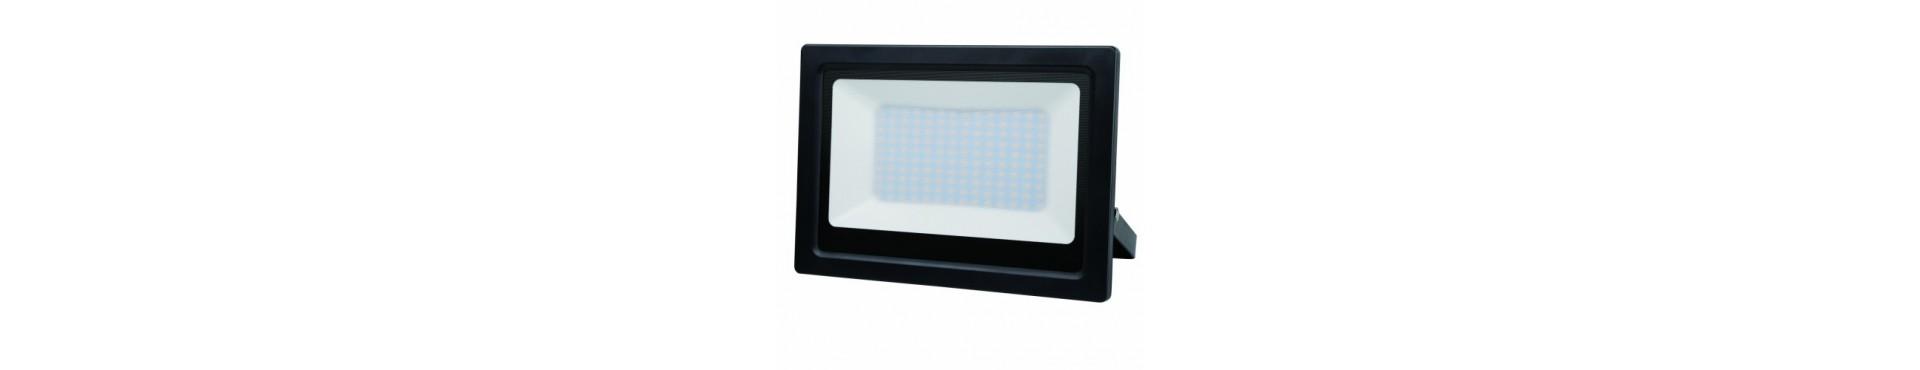 LED projektører - Stort udvalg af projektører til billige priser